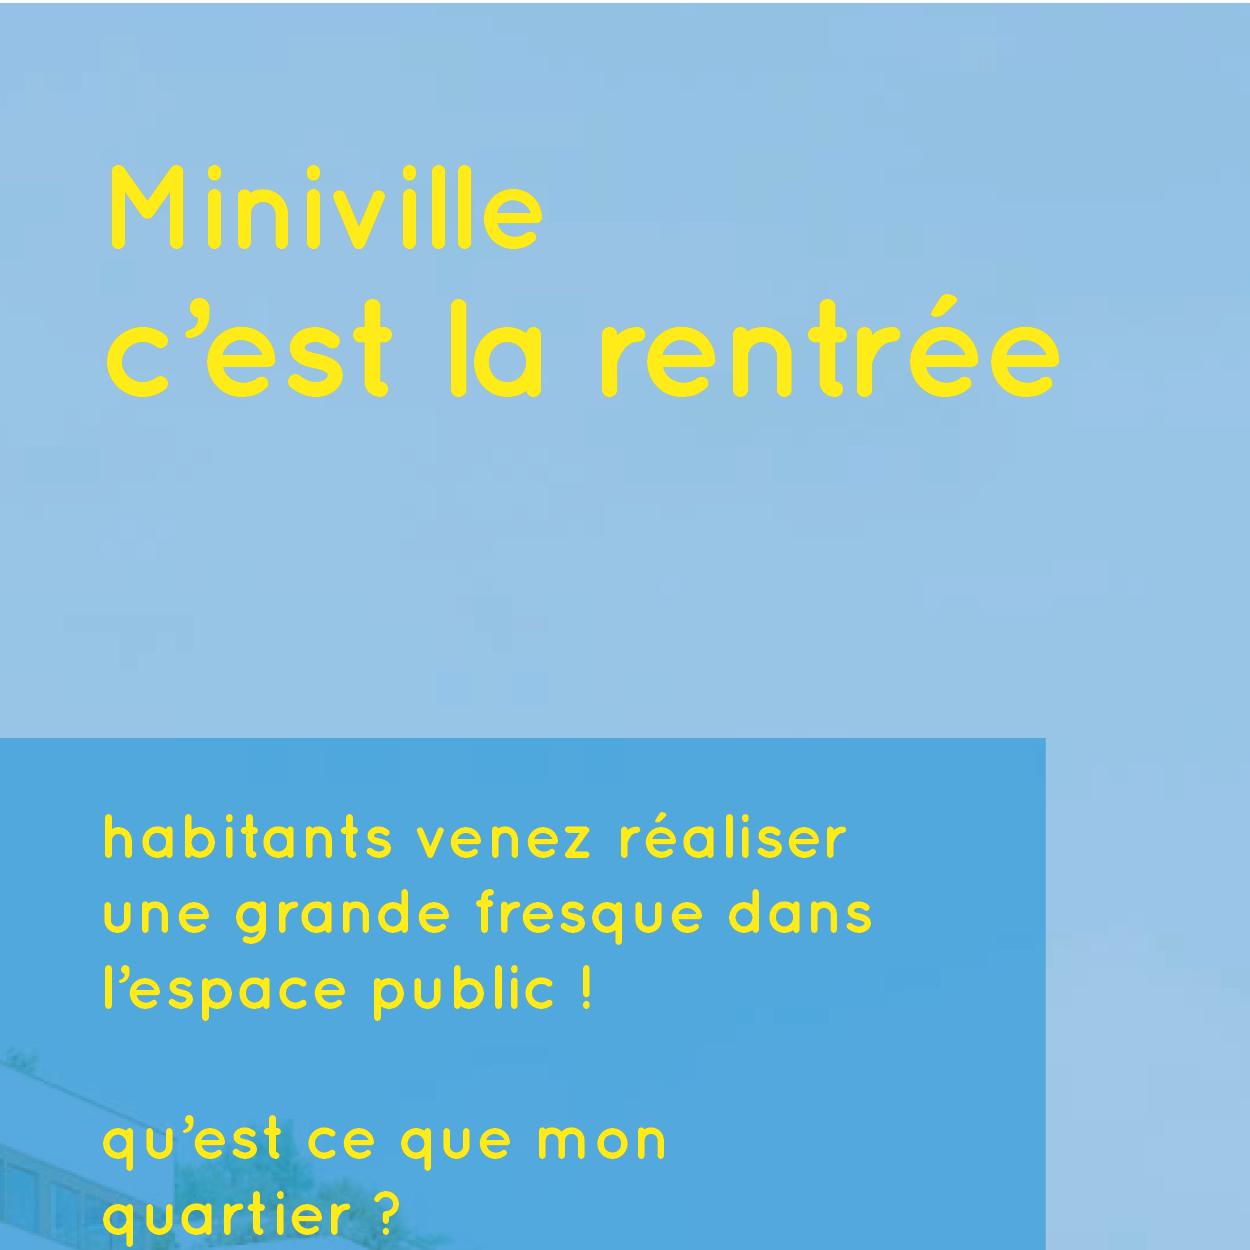 Rendez-vous Miniville #3 (Genève)